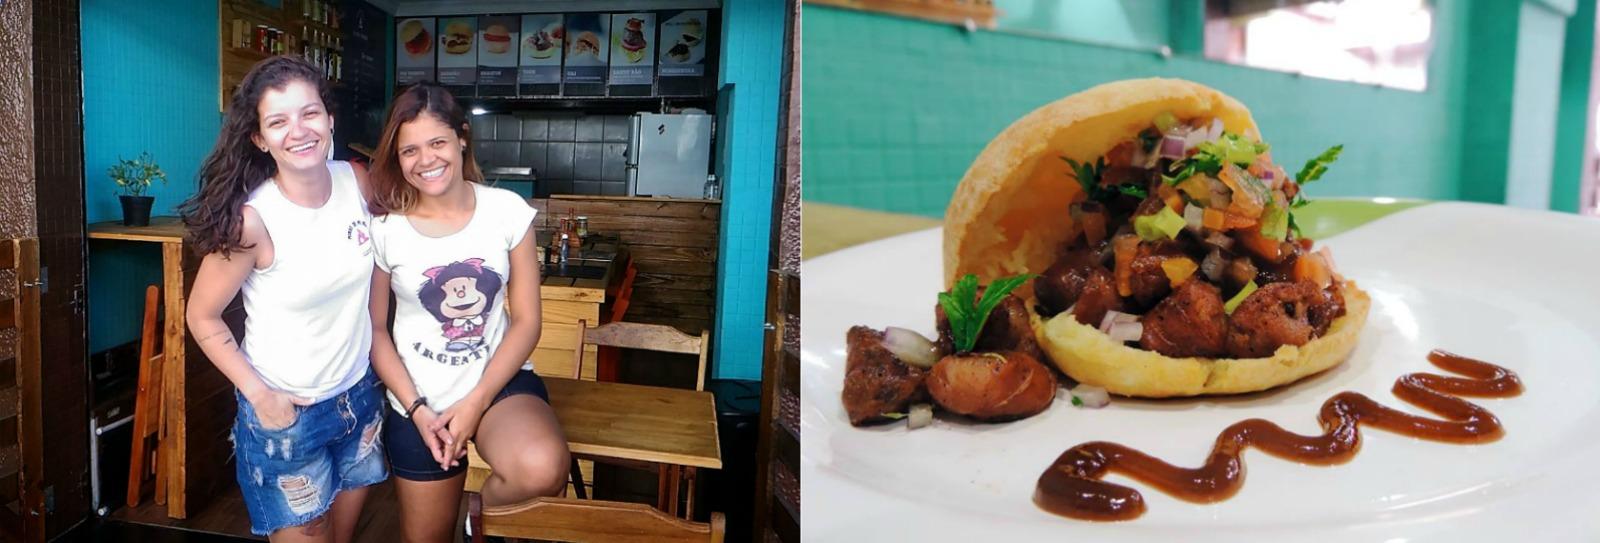 Mineiras investem em sanduíches de pão de queijo e fazem sucesso em Cabo Frio